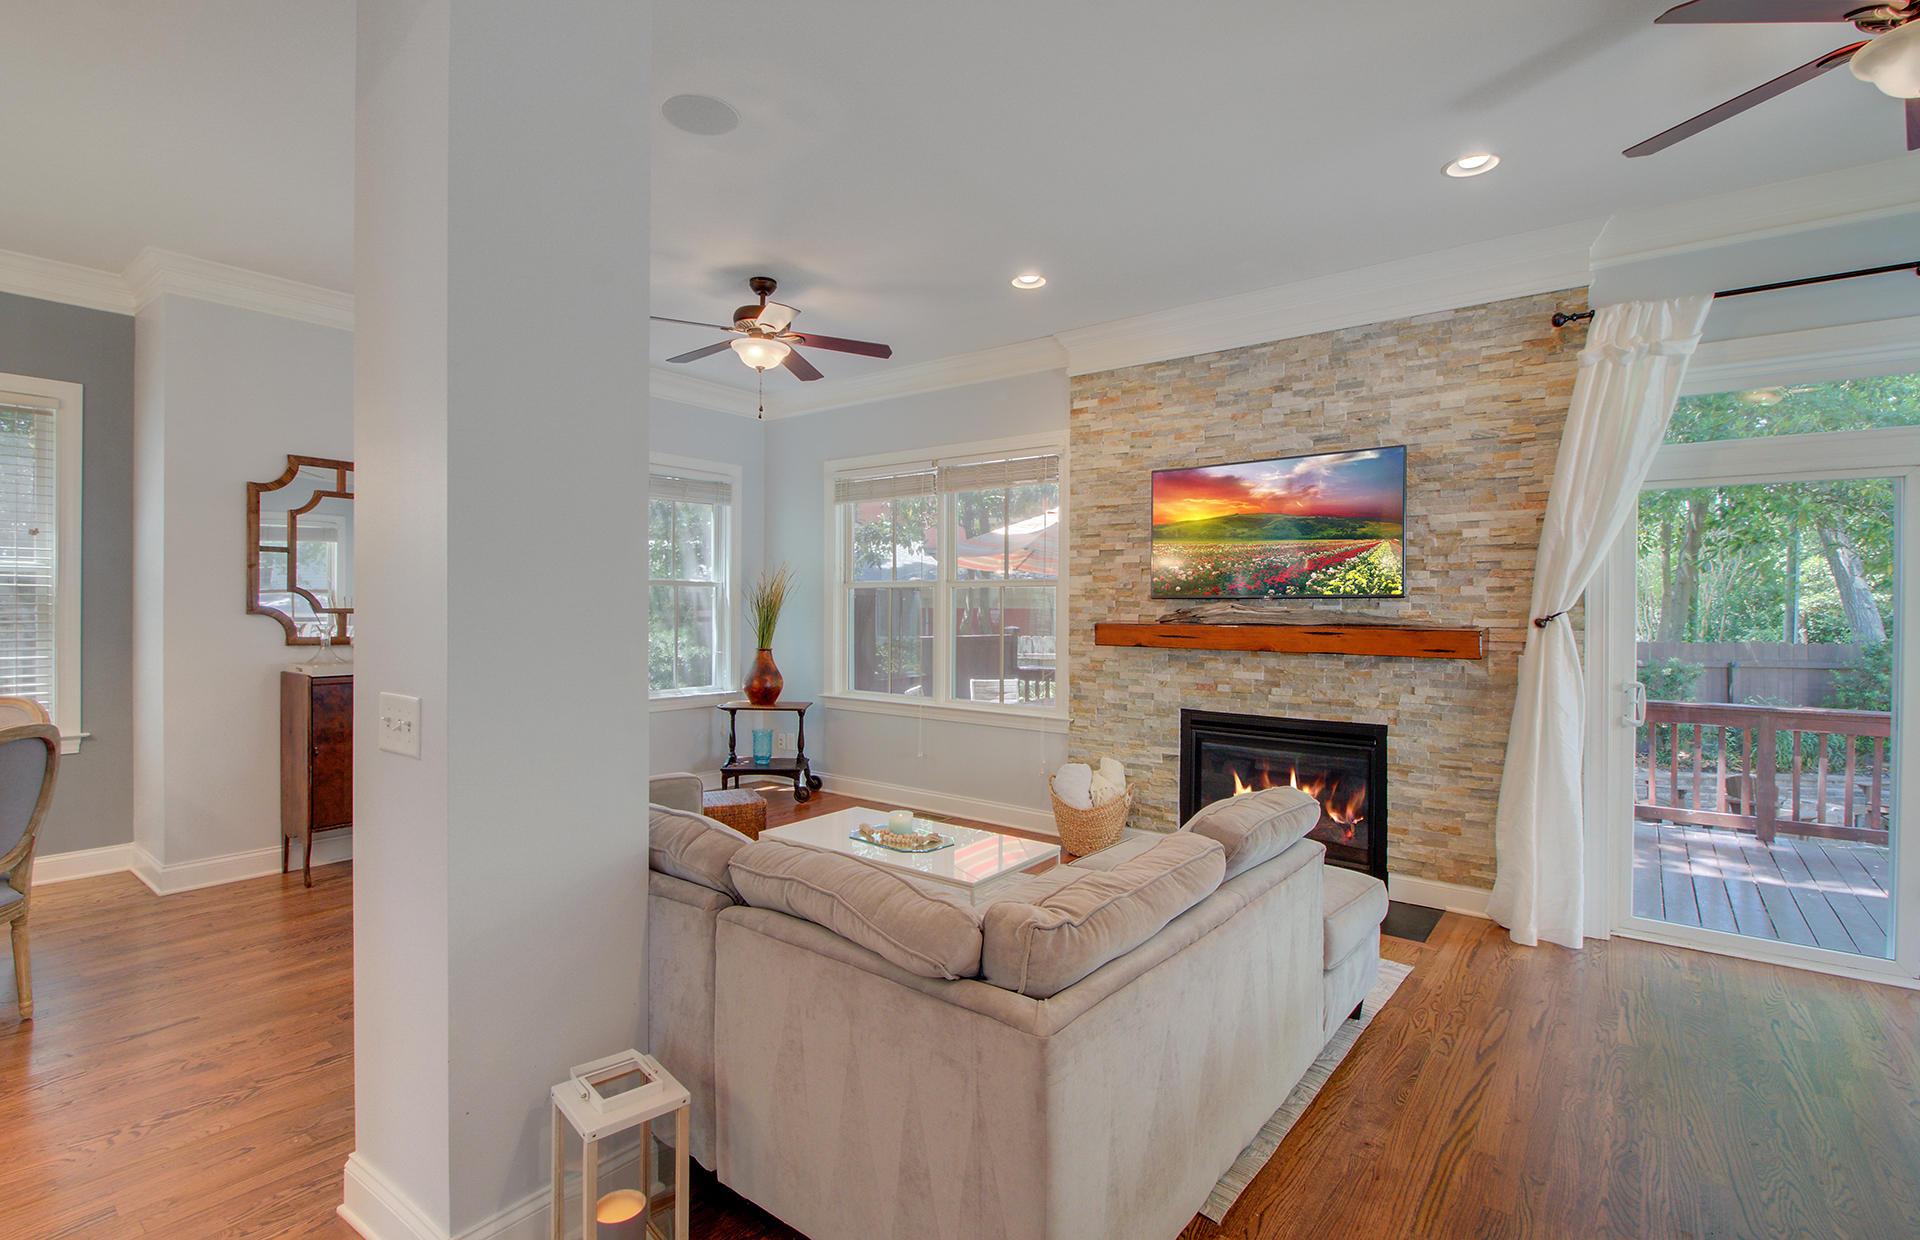 Phillips Park Homes For Sale - 1129 Phillips Park, Mount Pleasant, SC - 52